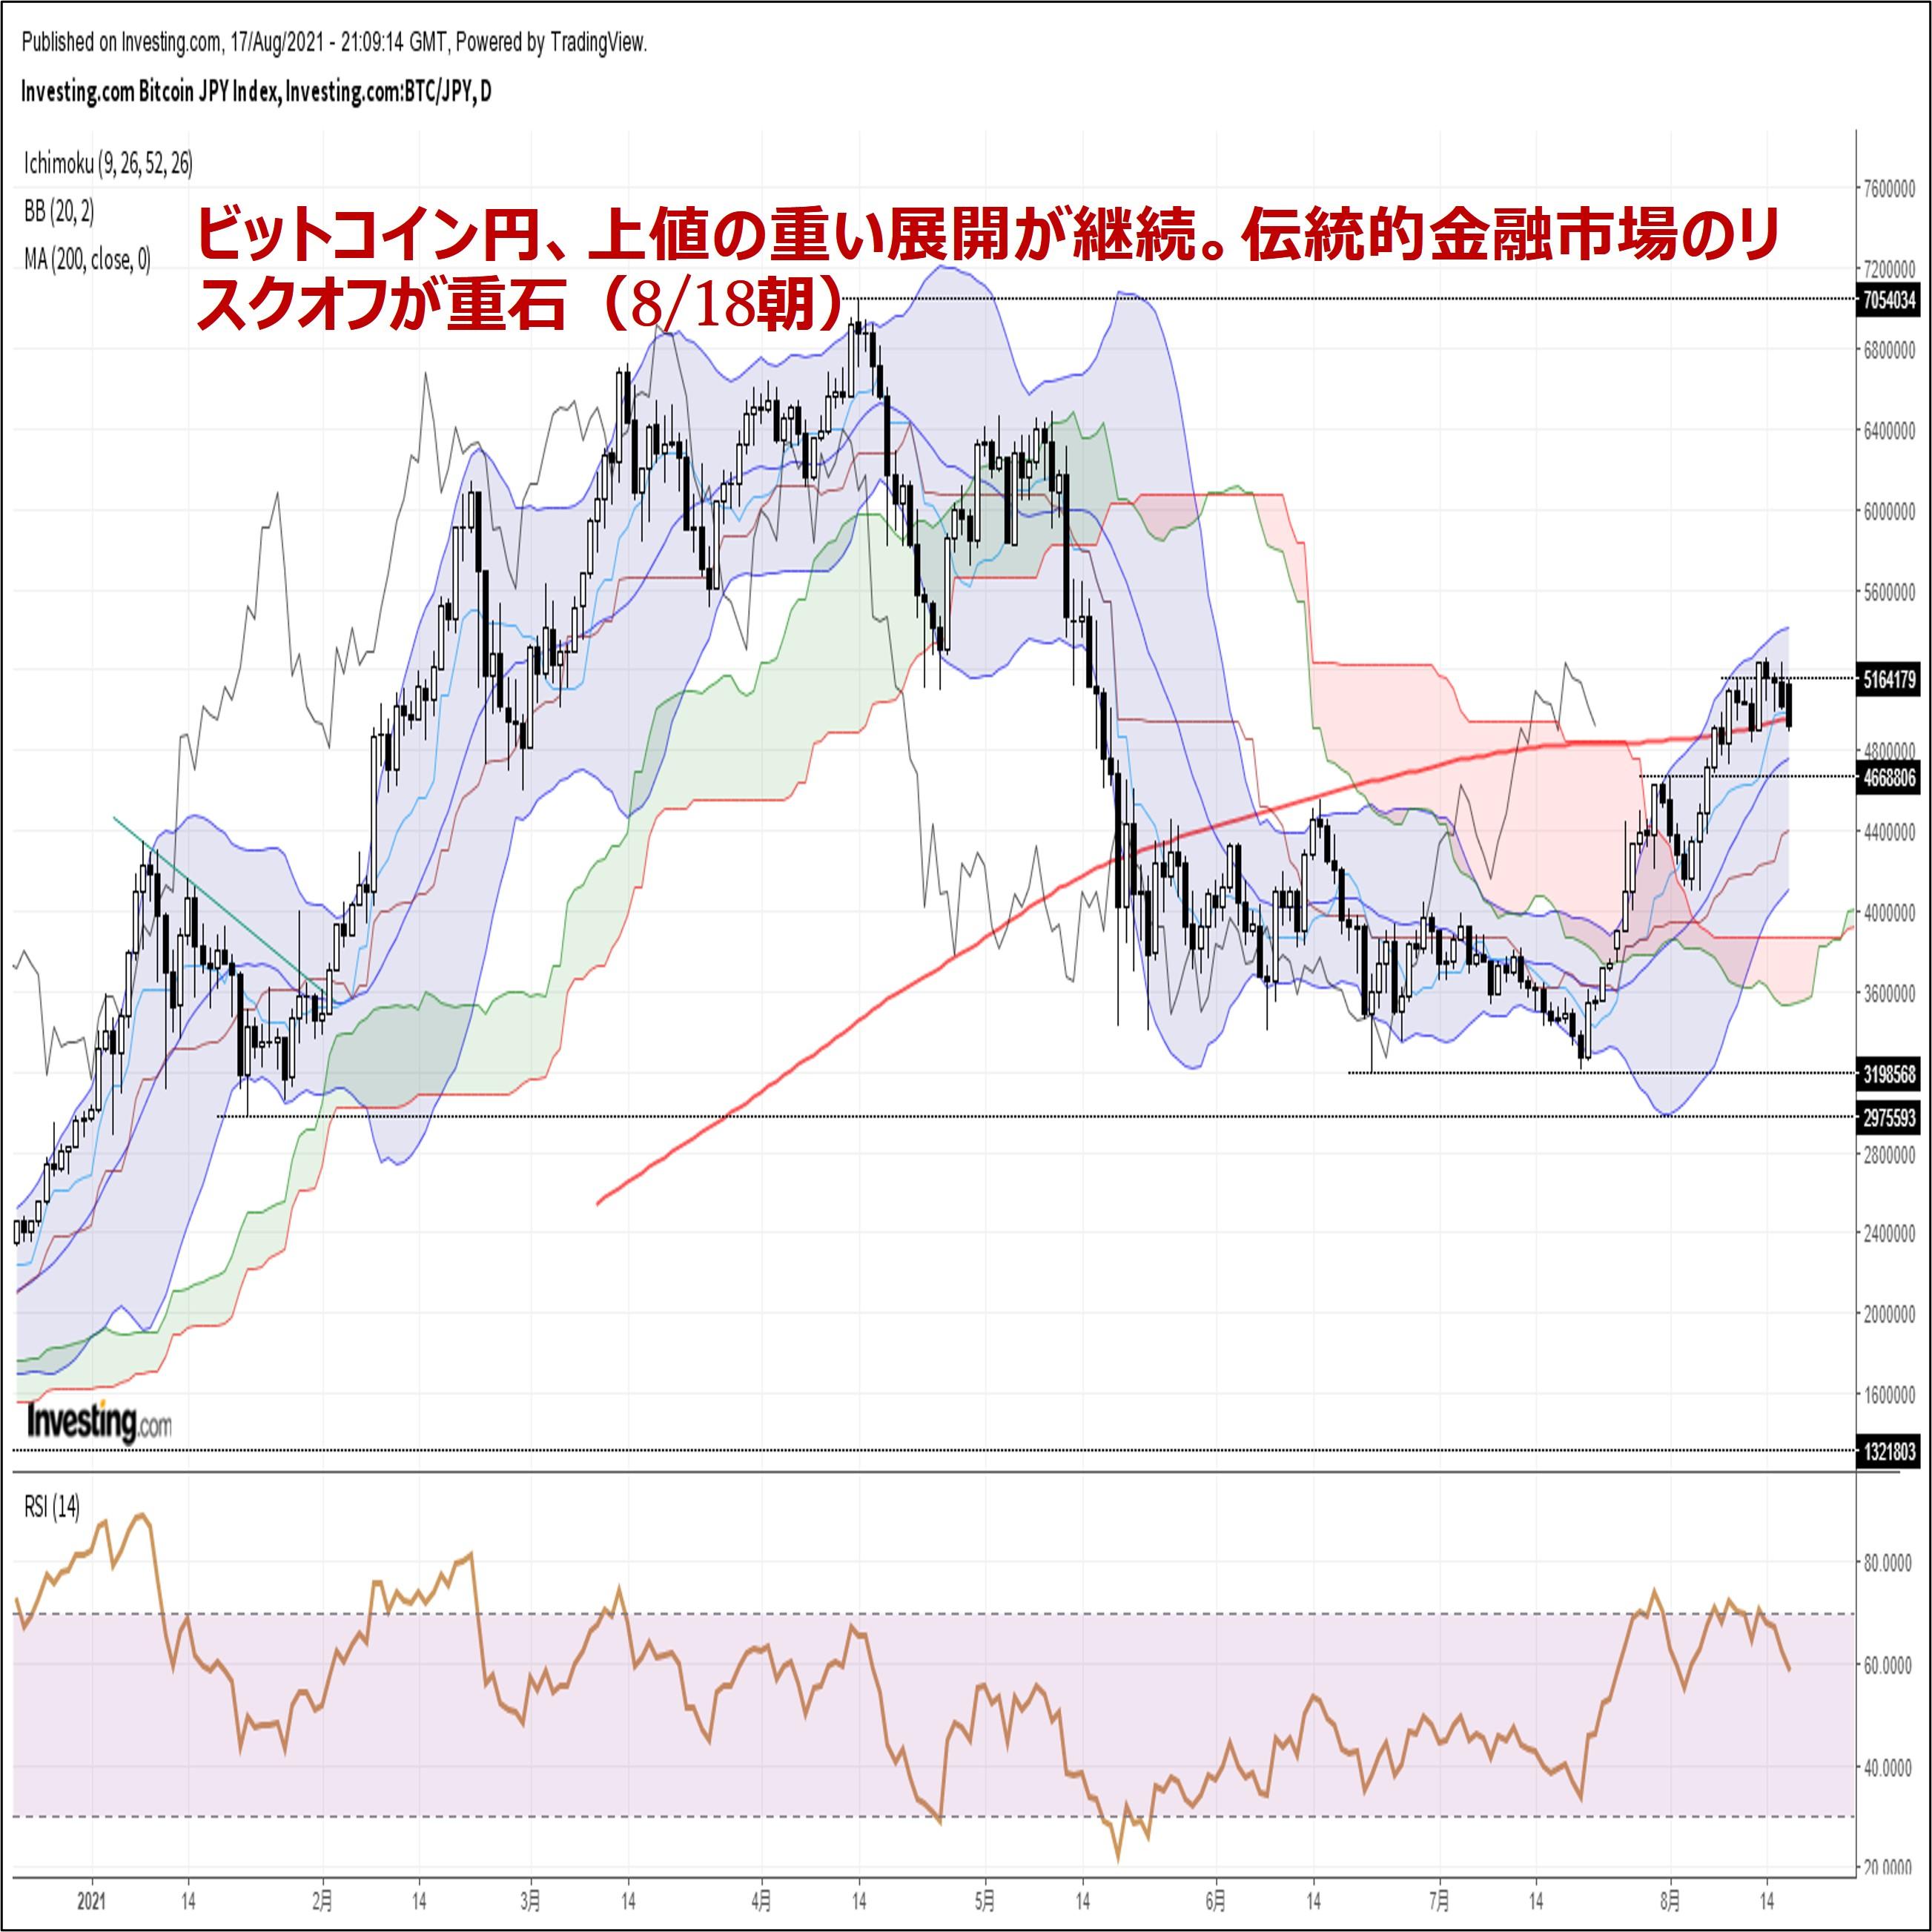 ビットコイン円、上値の重い展開が継続。伝統的金融市場のリスクオフが重石(8/18朝)